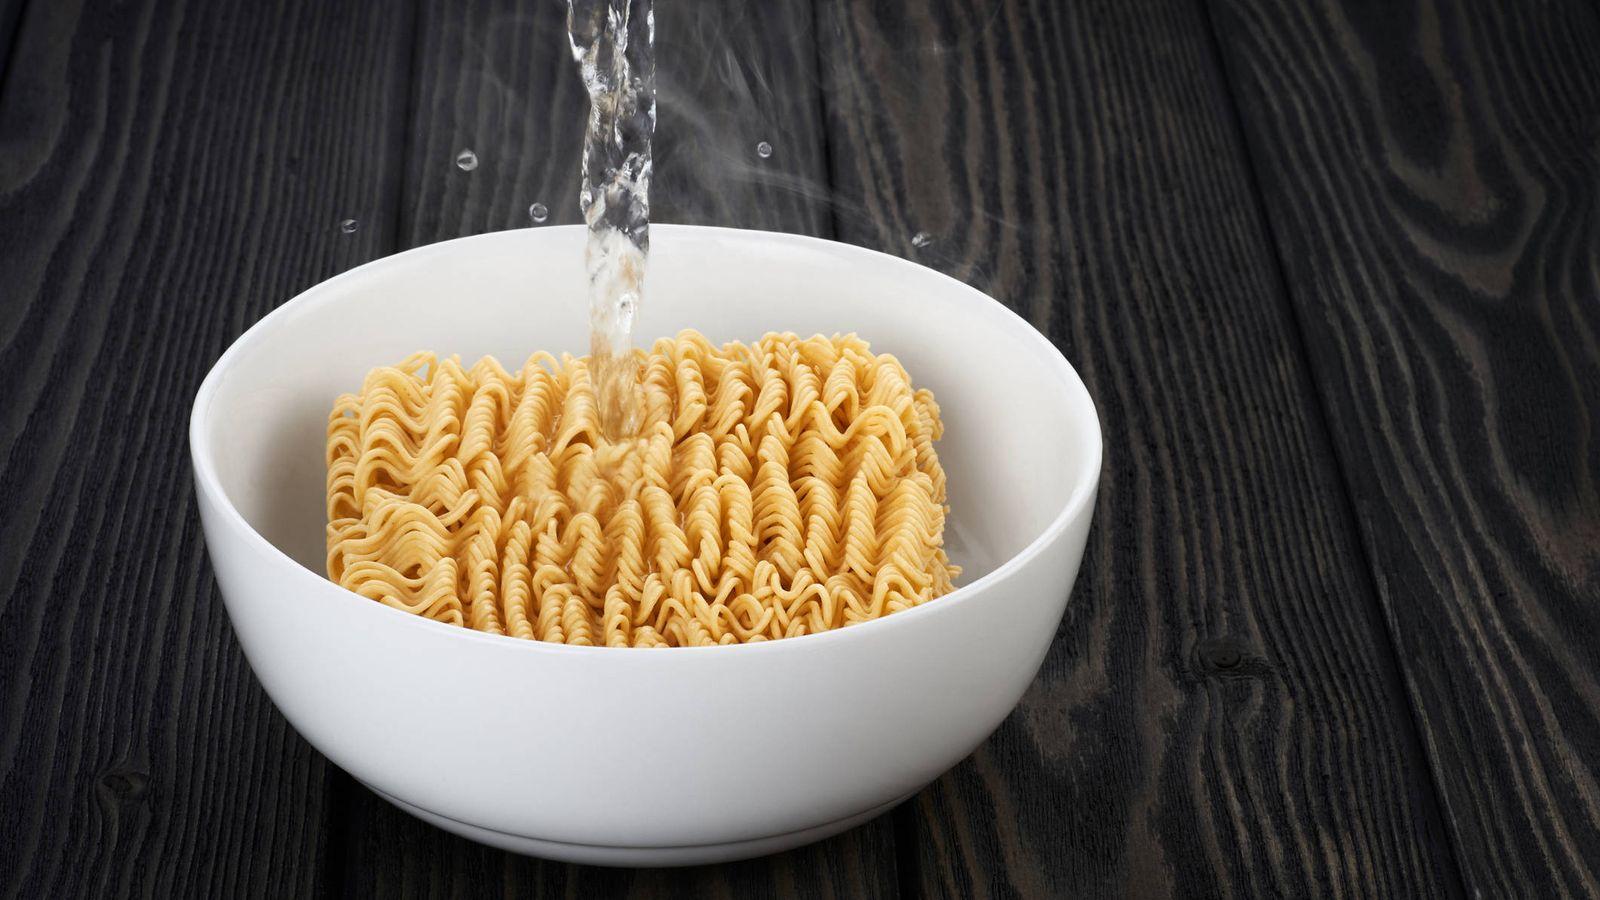 Alimentación: Los alimentos que no caducan y debes tener